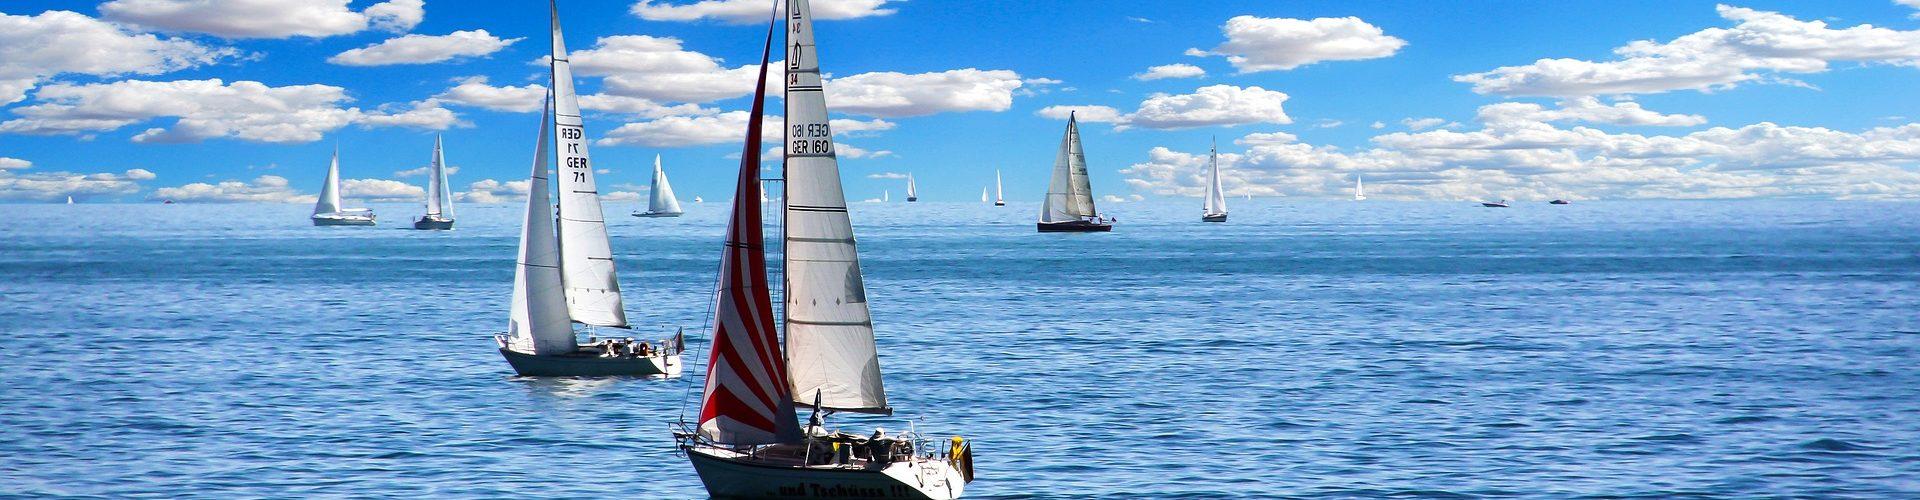 segeln lernen in Gaggenau segelschein machen in Gaggenau 1920x500 - Segeln lernen in Gaggenau